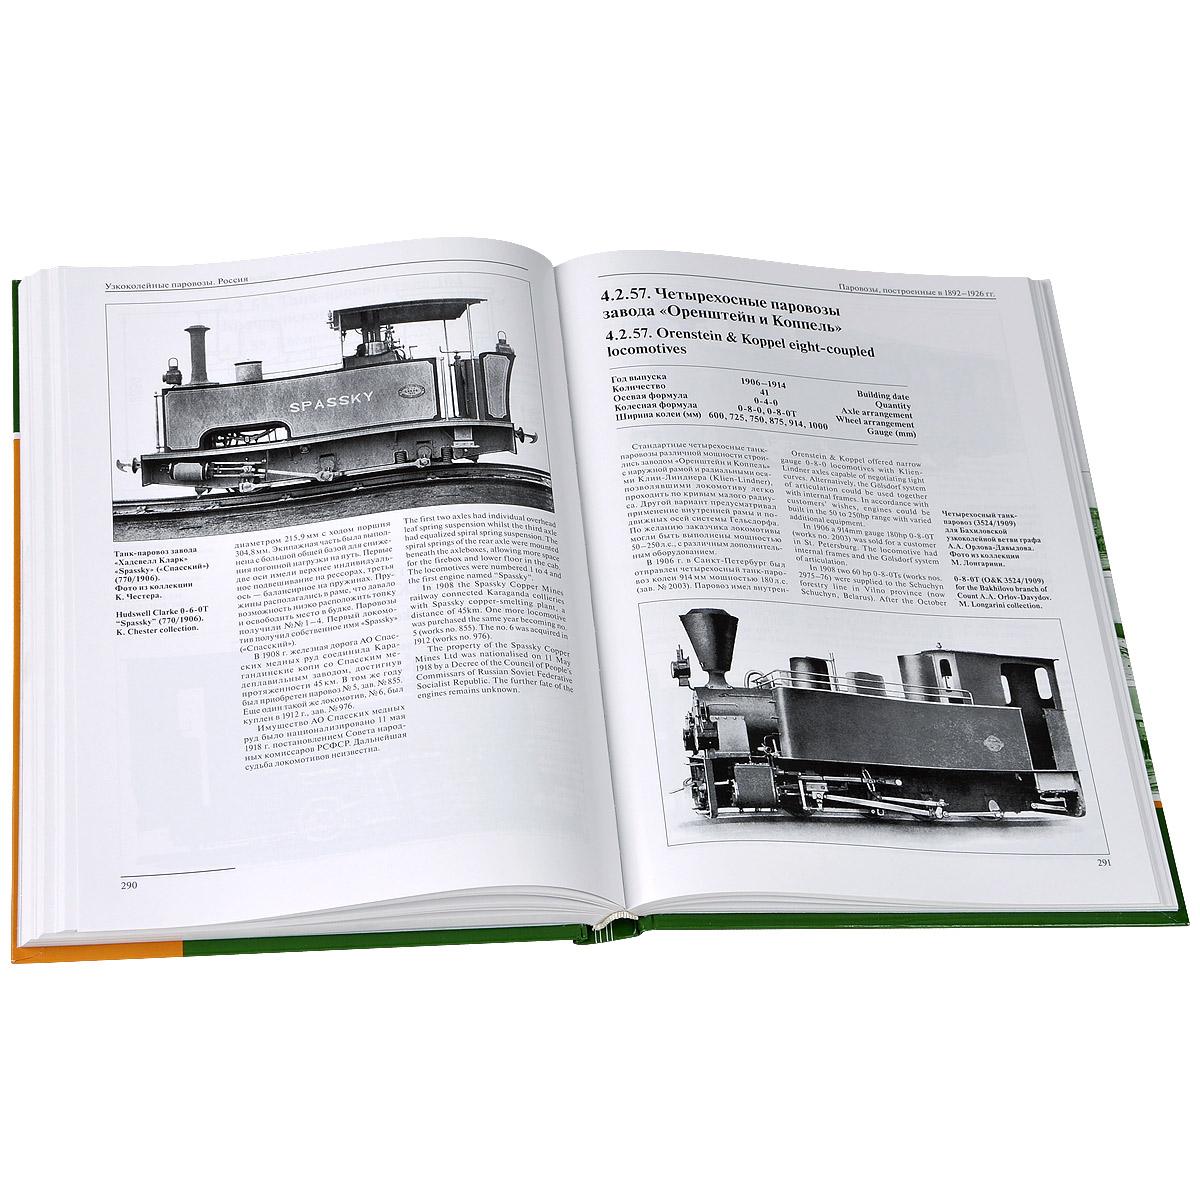 Узкоколейные паровозы. Россия. В 2 томах. Том 1 / Narrow Gauge Steam Locomotives: Russia